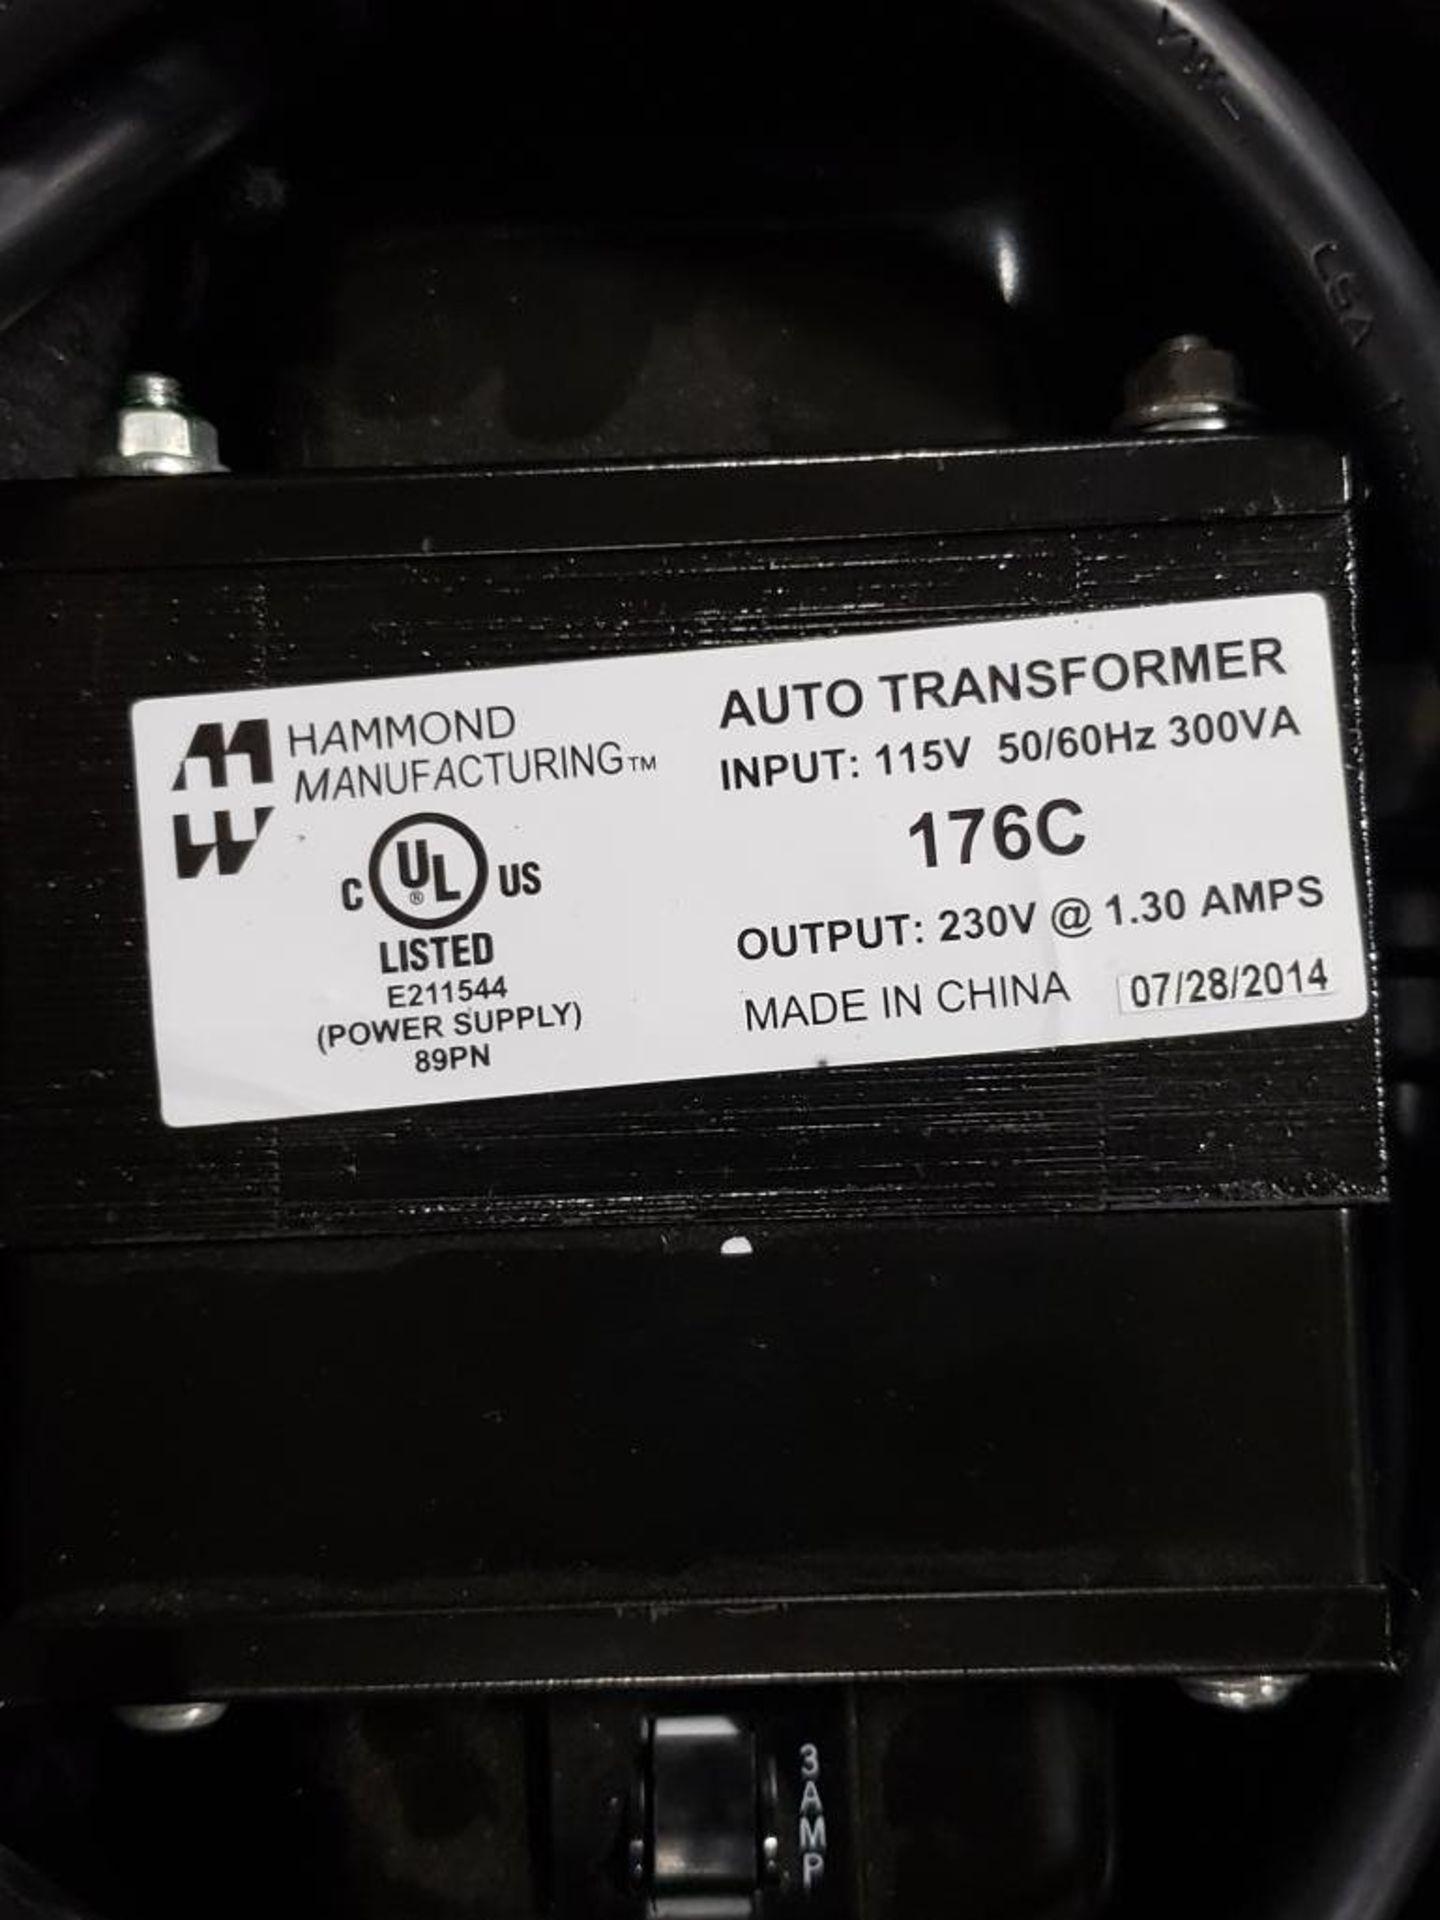 Travel test diagnostic Emerson drive unit. Emerson control Techniques DCM700. Unidrive M701. - Image 6 of 21